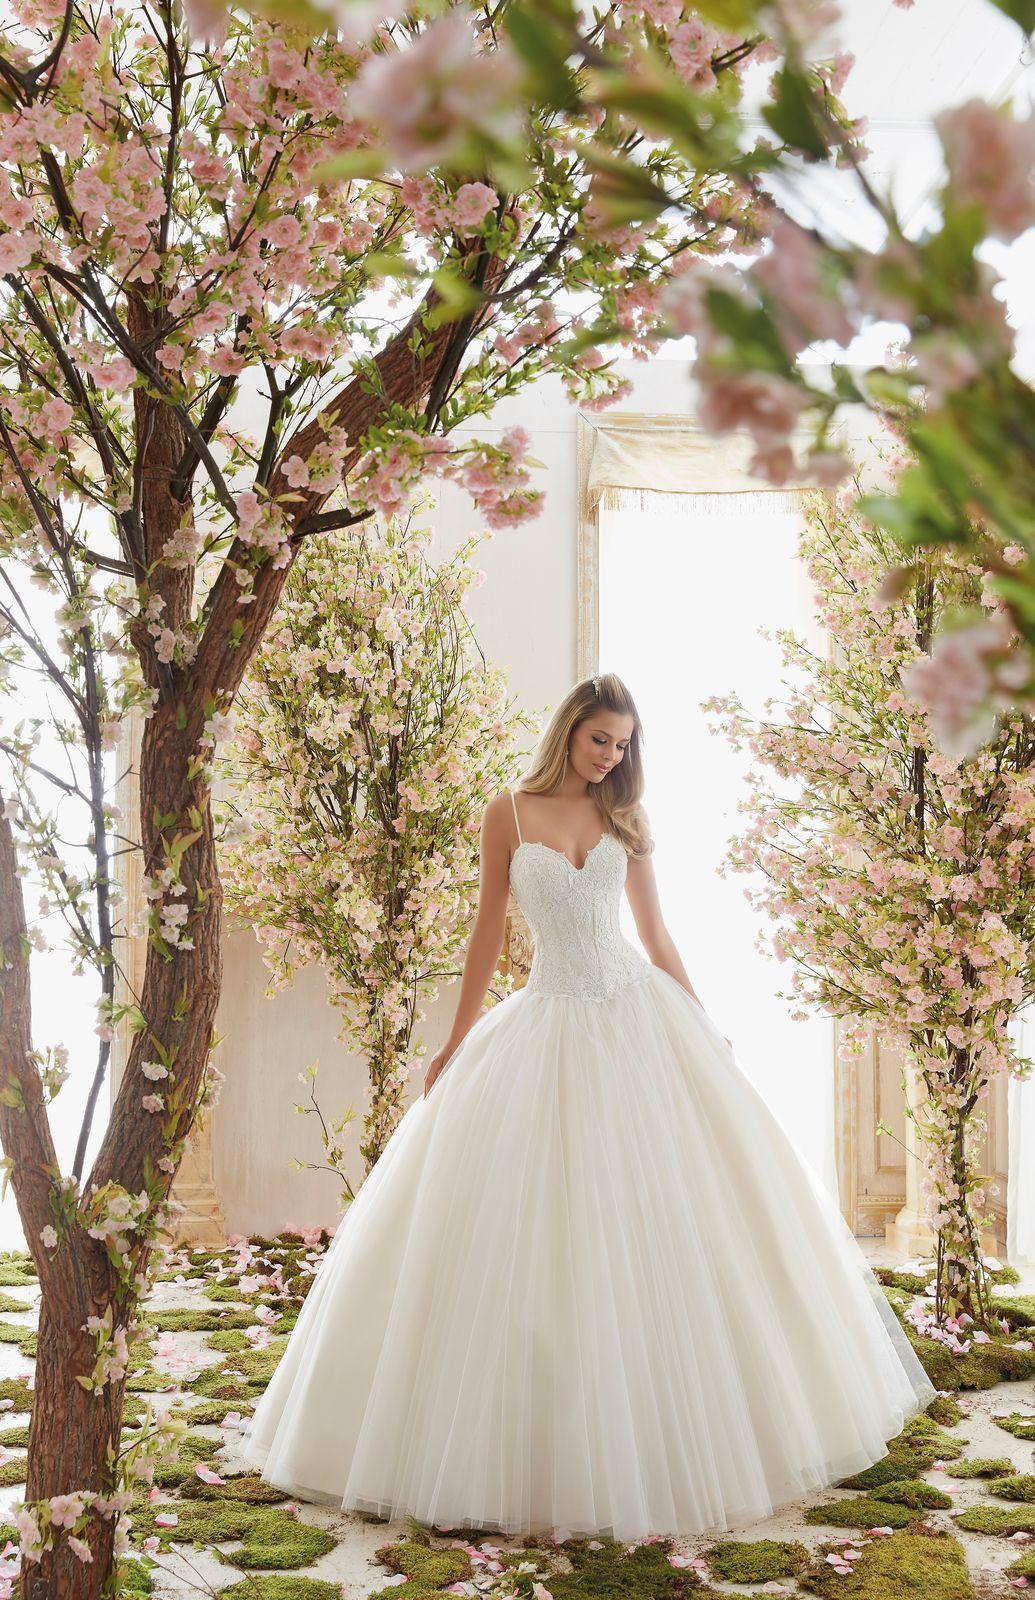 Ksiezniczkowa Suknia Slubna Mori Lee Z Dekoltem W Ksztalcie Serca Piekna Dziewczeca Suknia Slubna Z Koronko Wedding Dresses Stunning Wedding Dresses Dresses